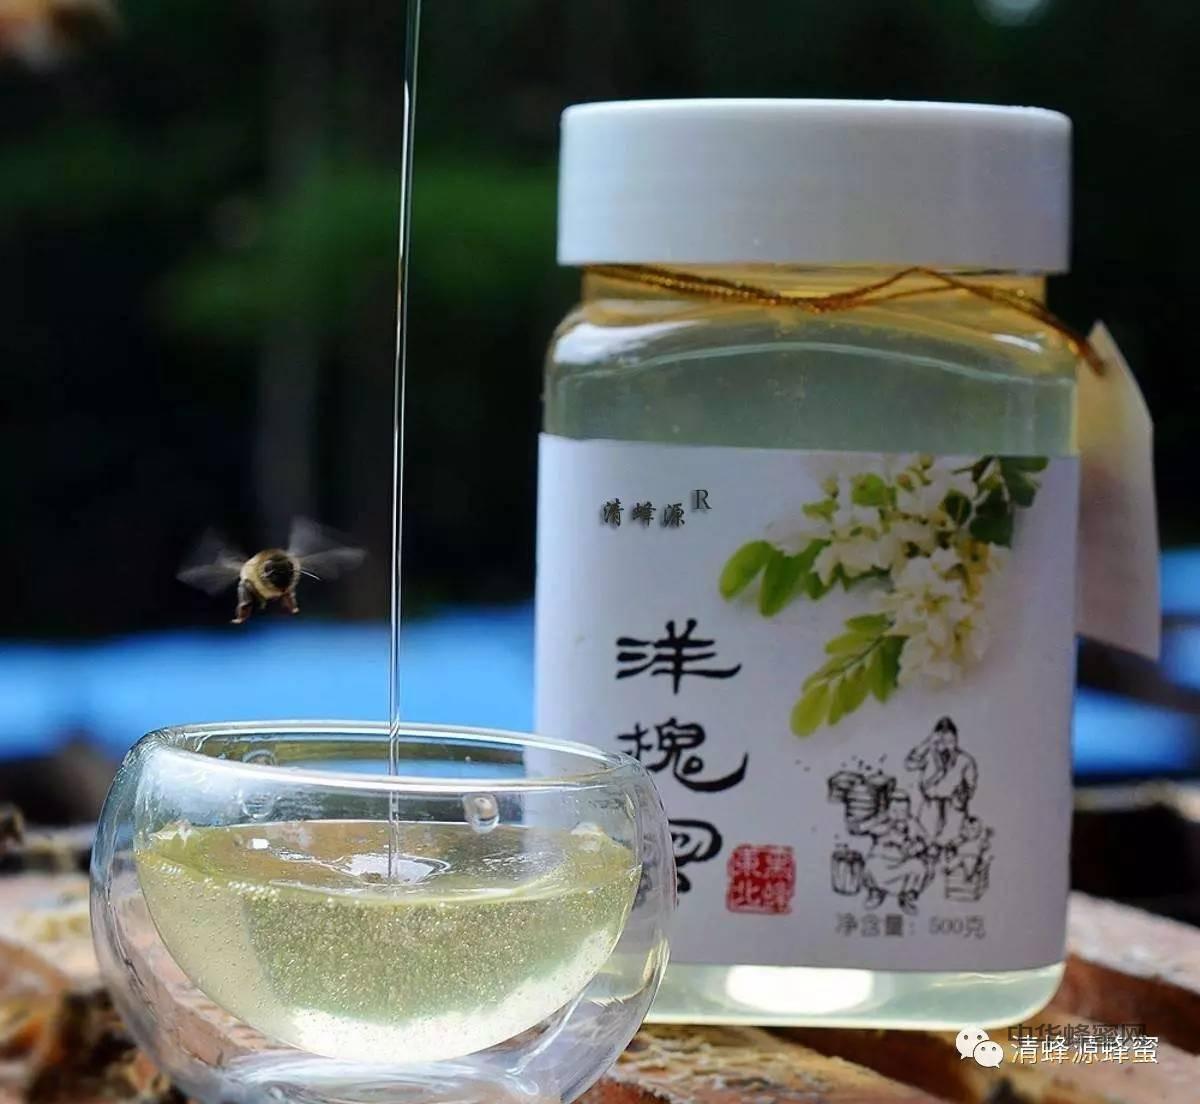 春季润燥蜂蜜是首选 介绍五种不同蜂蜜